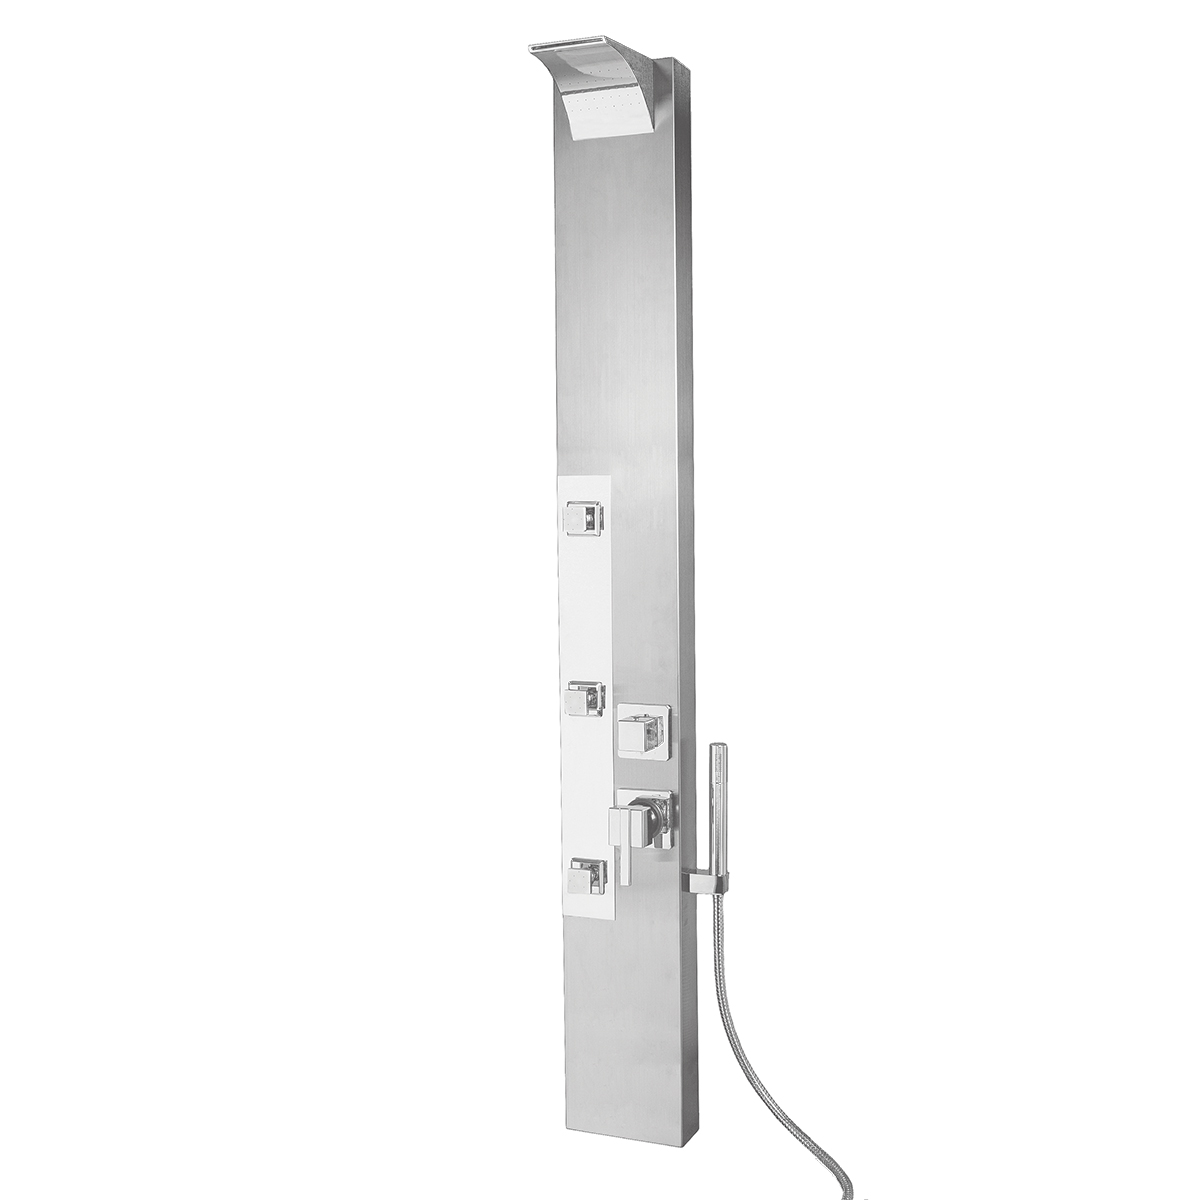 Colonna doccia multifunzione Smart